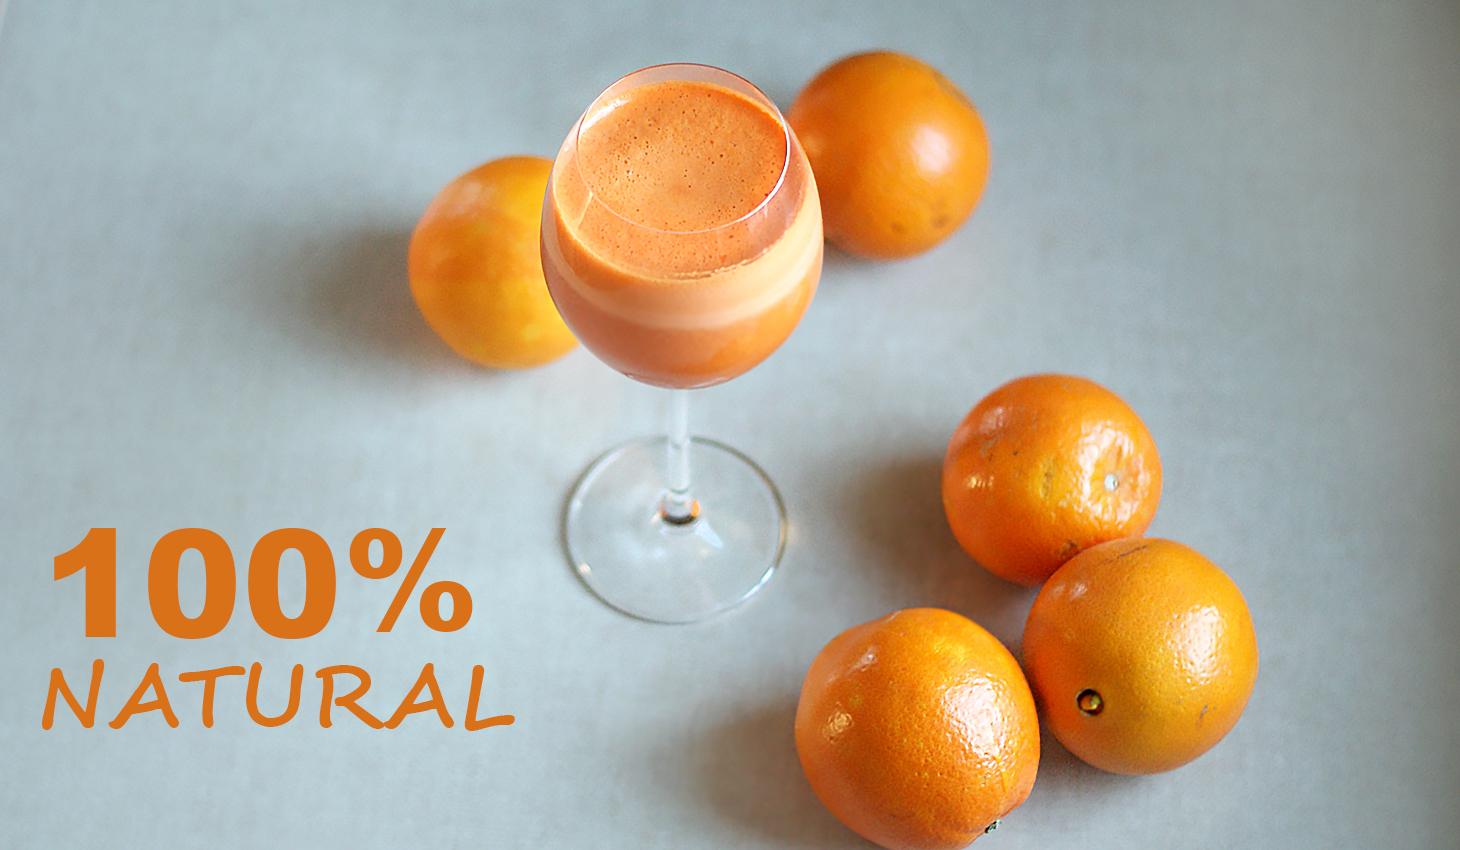 Sok marchew jabłko pomarańcz kiwi FitSweet